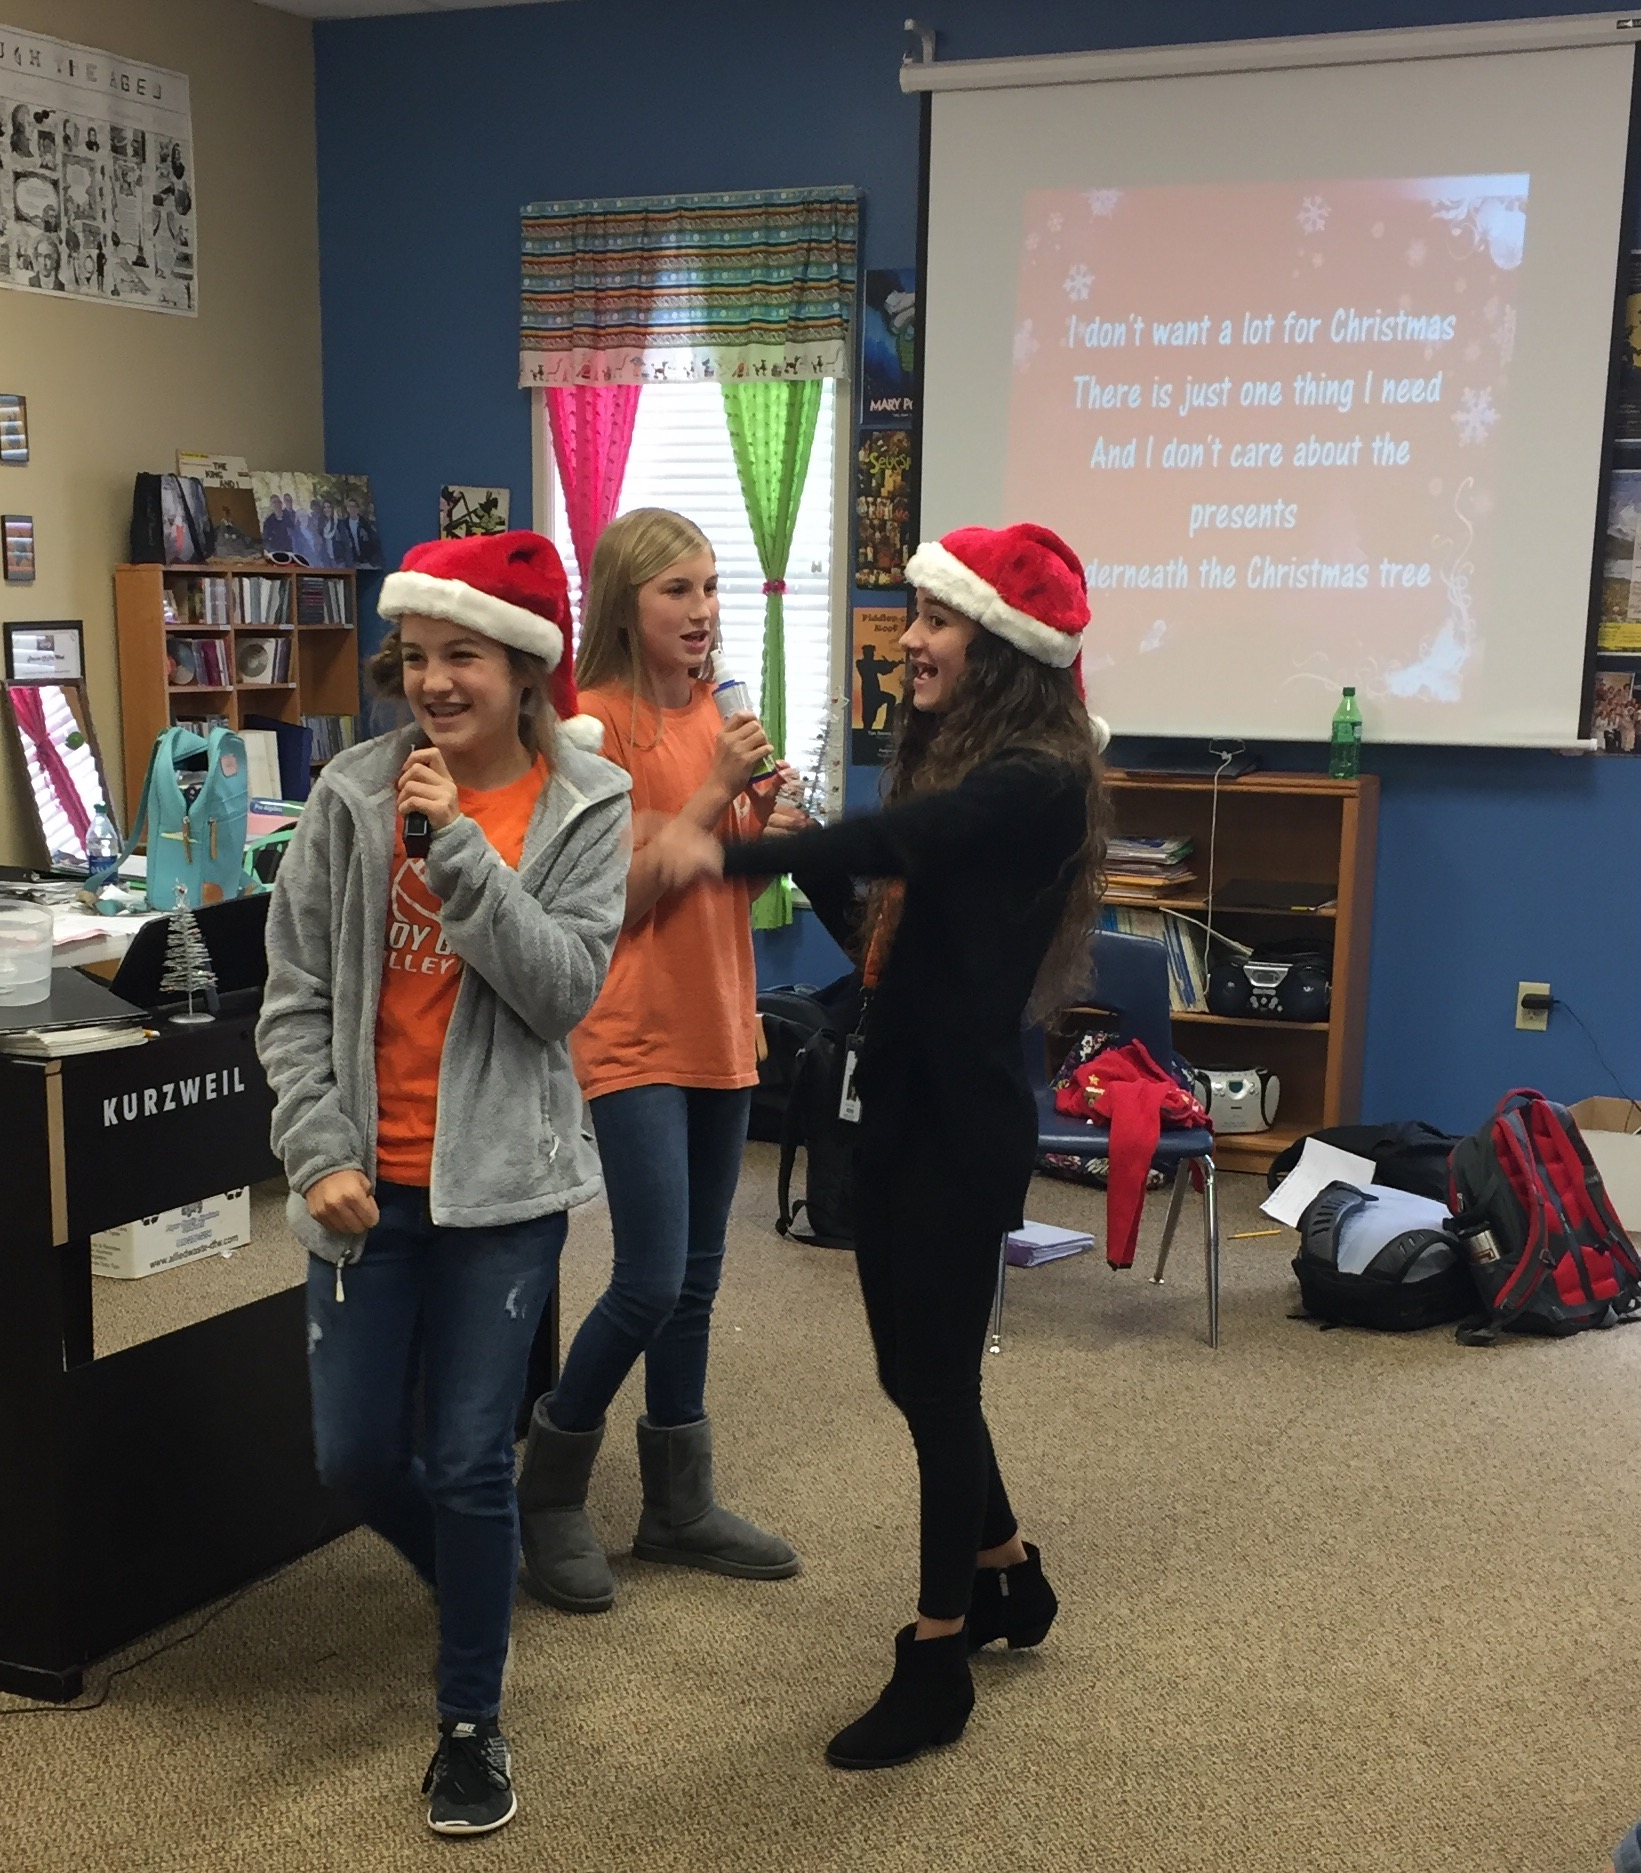 Christmas karaoke breaks out in 7th grade | Brook Hill School ...